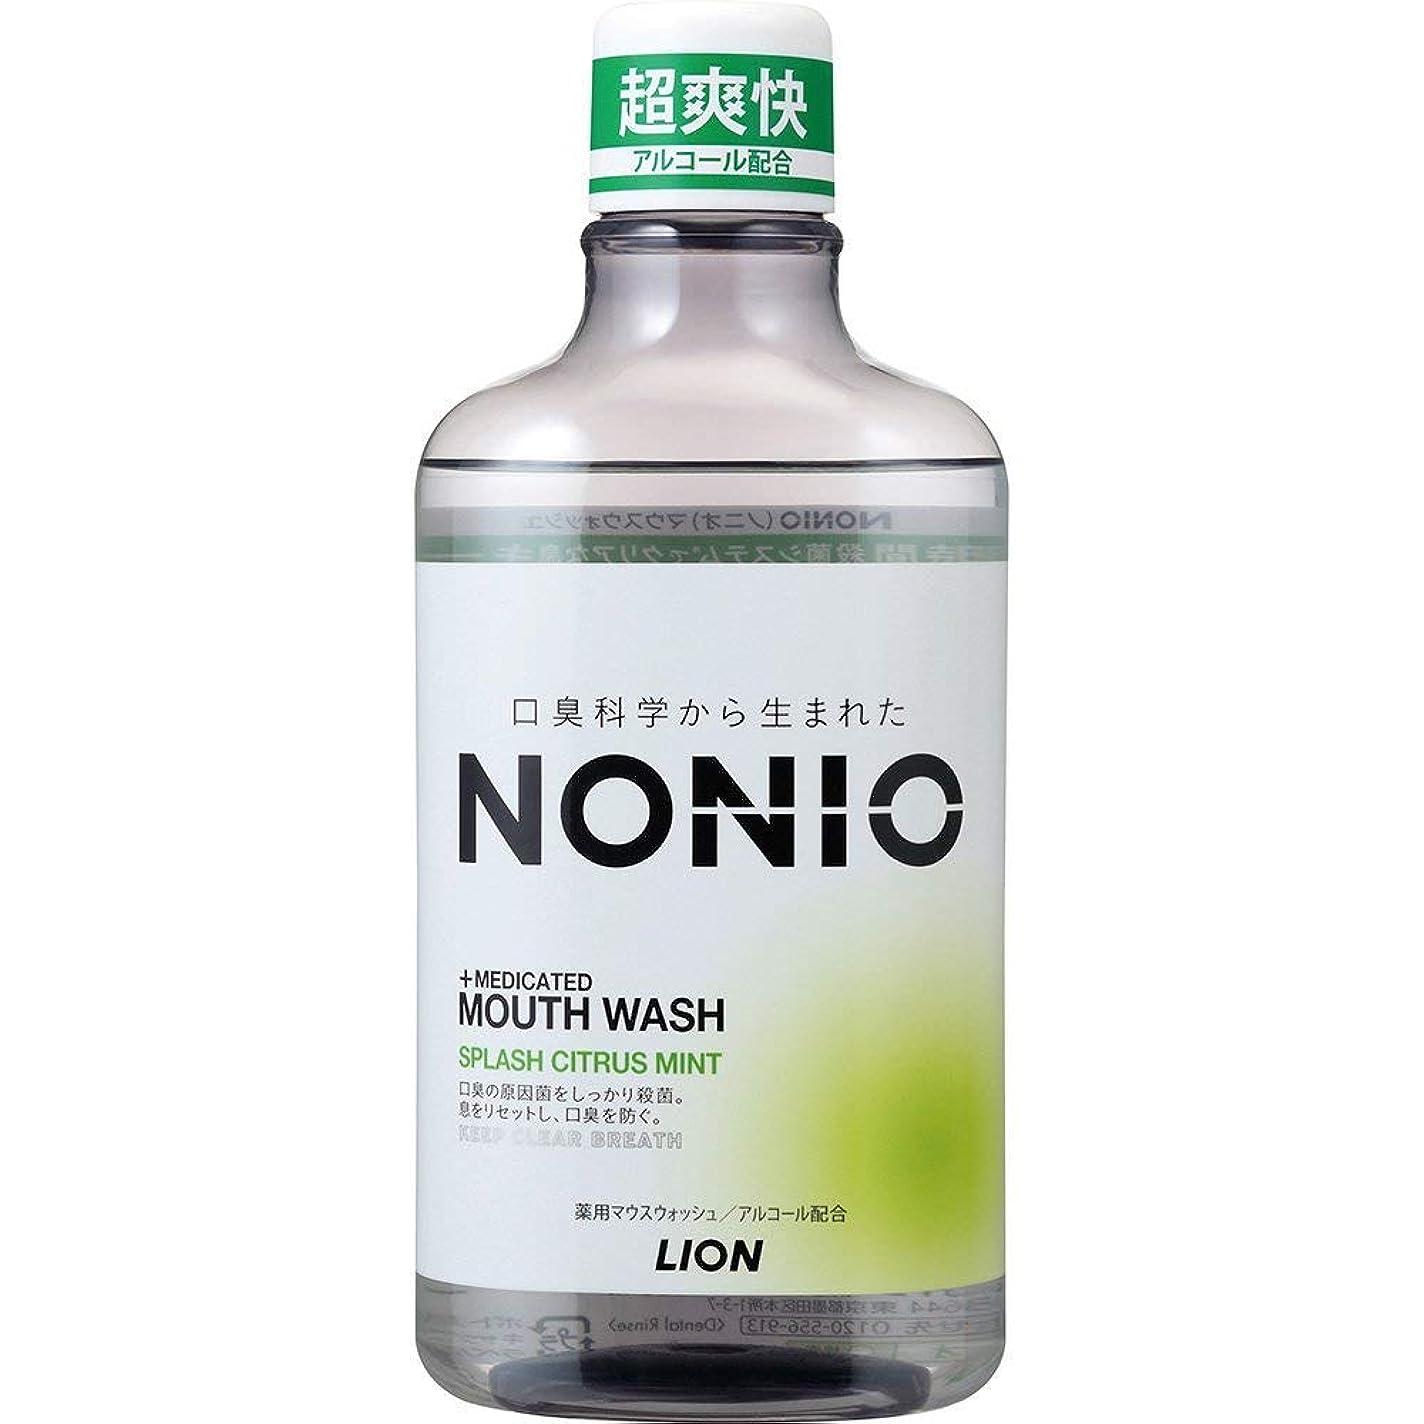 クラウドでる受粉するNONIO マウスウォッシュ スプラッシュシトラスミント 600ml ×12個